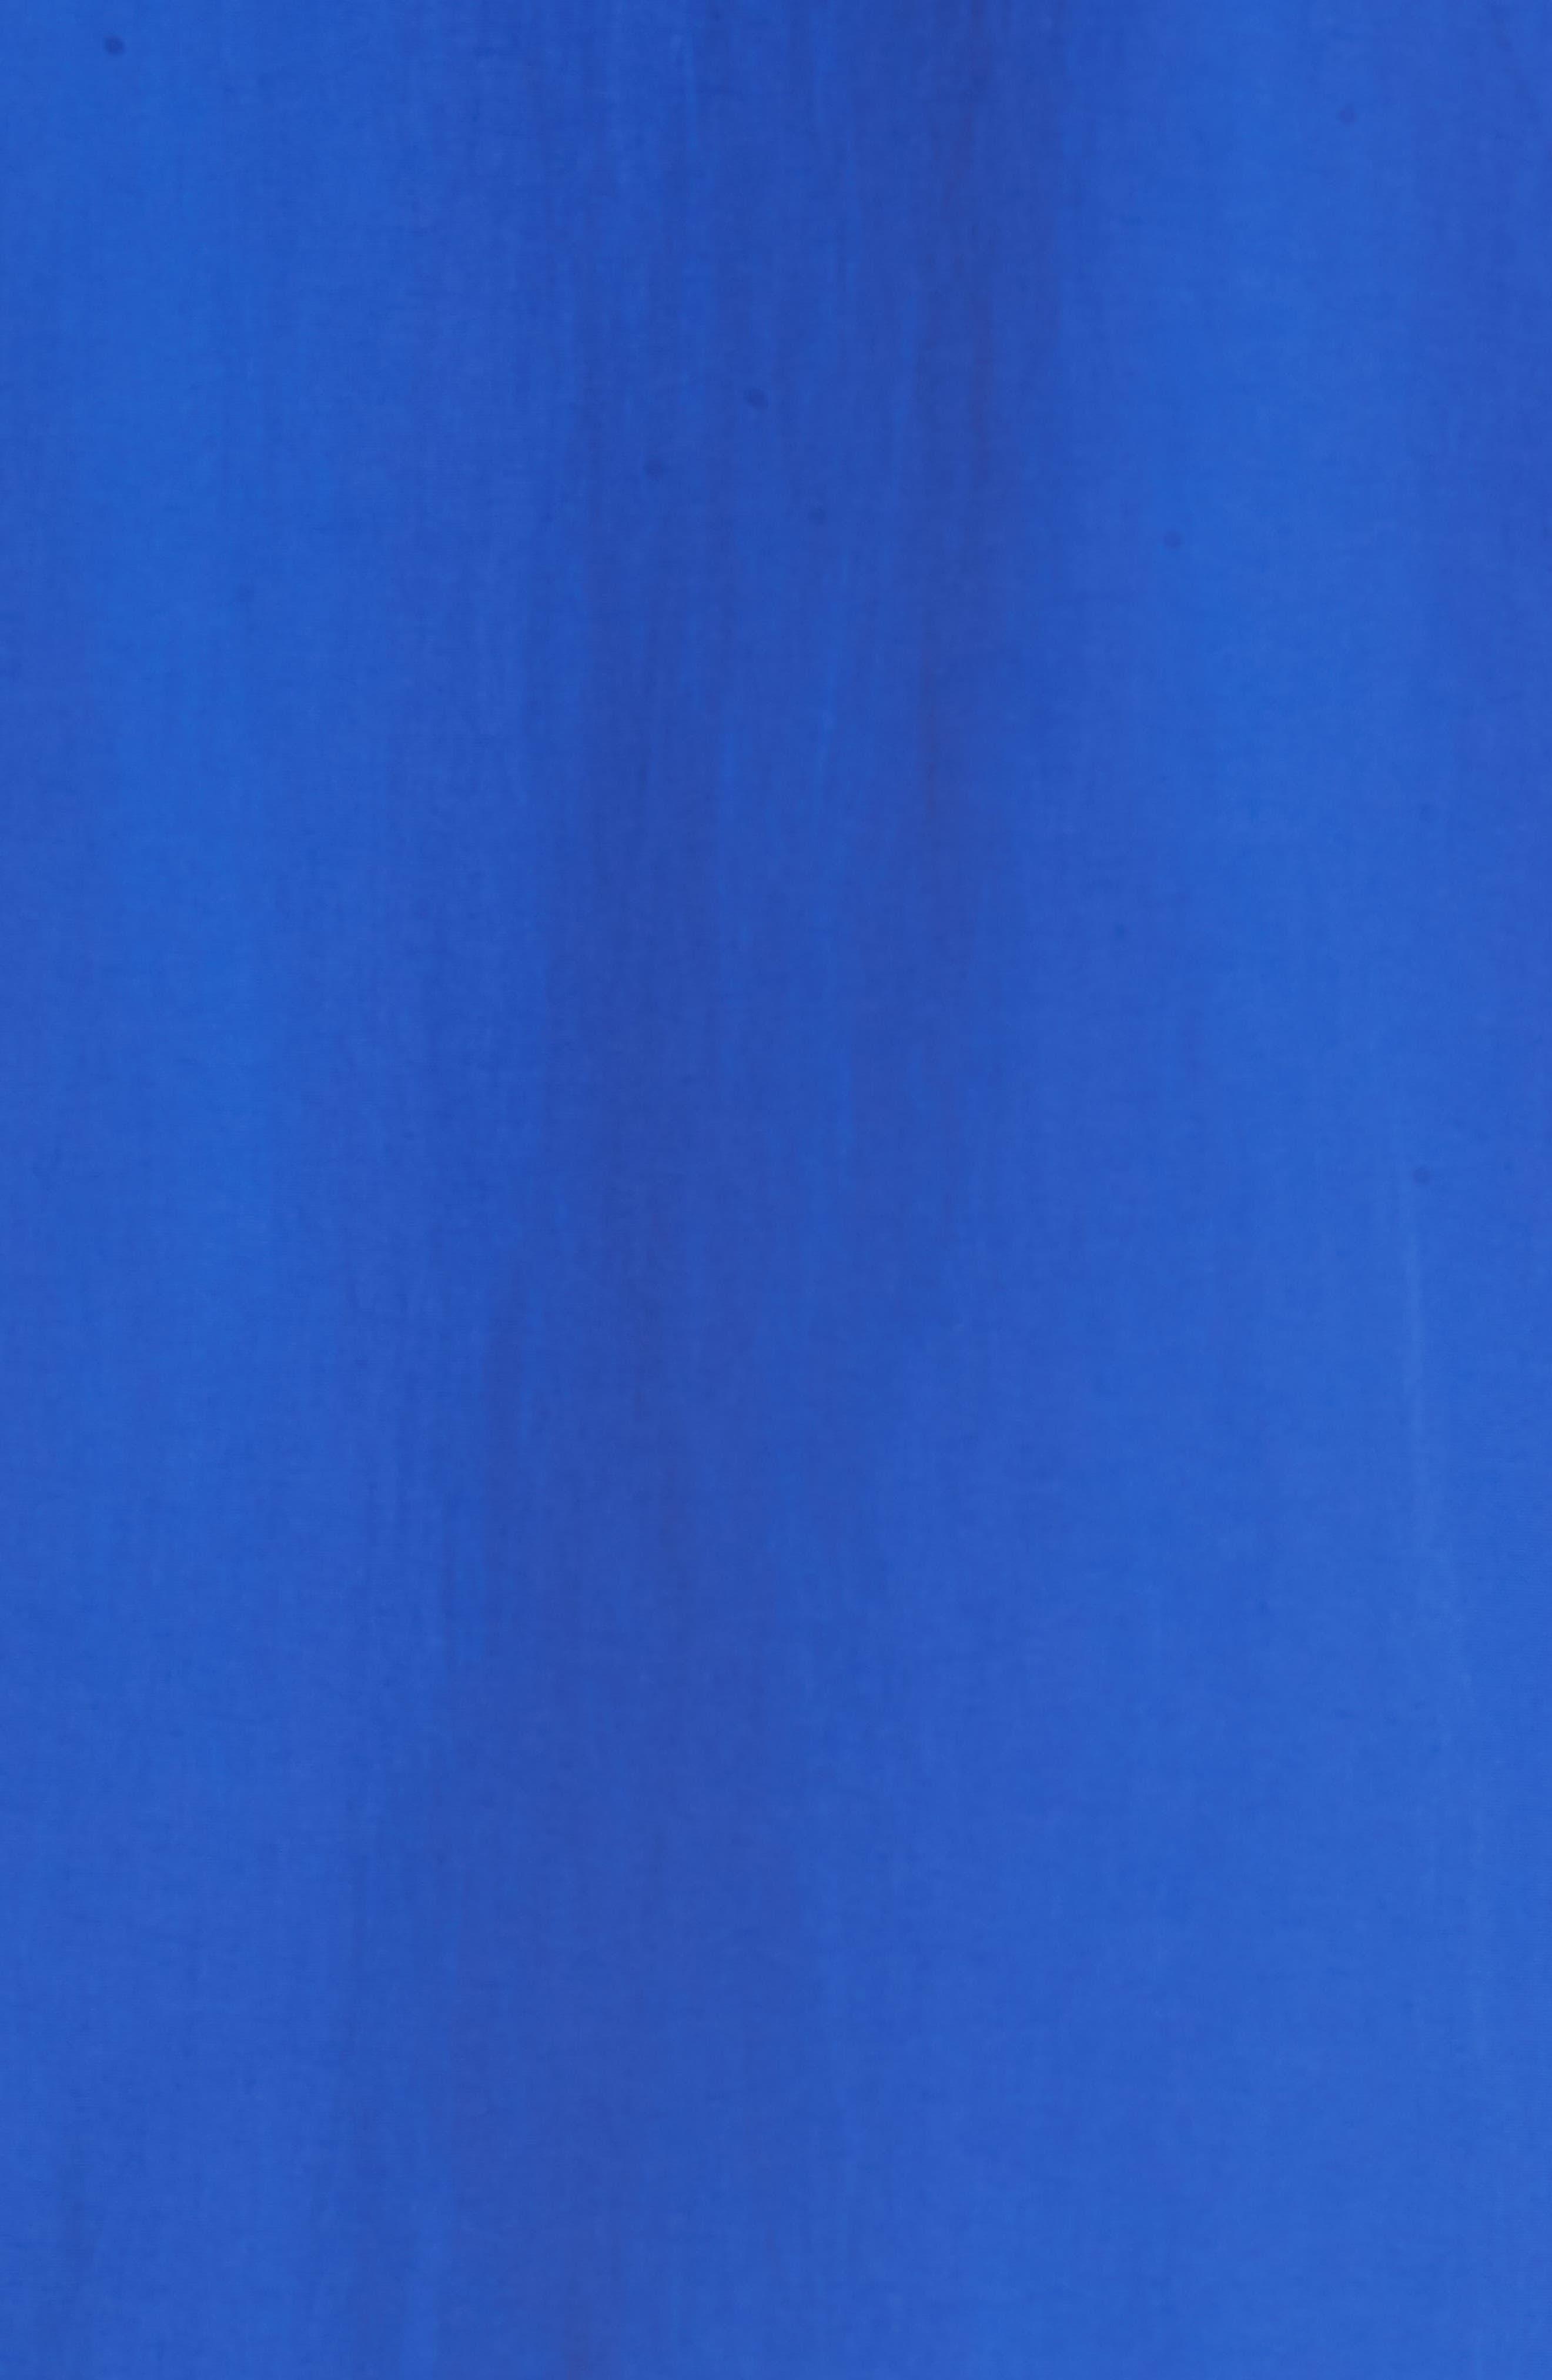 Minori Anorak,                             Alternate thumbnail 6, color,                             LAKE BLUE CAMO